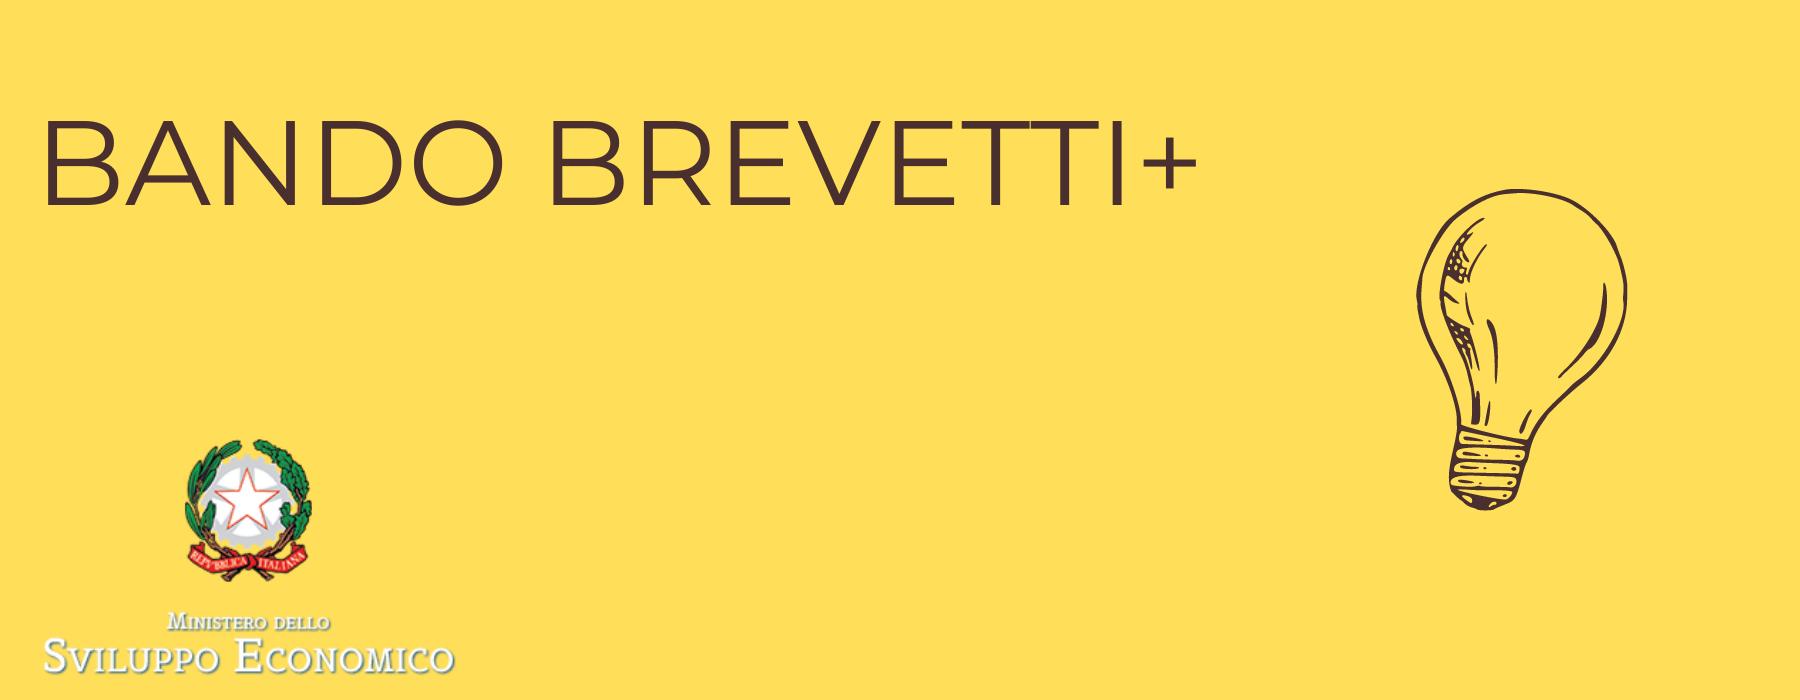 bando mise - bando nazionale - BREVETTI+